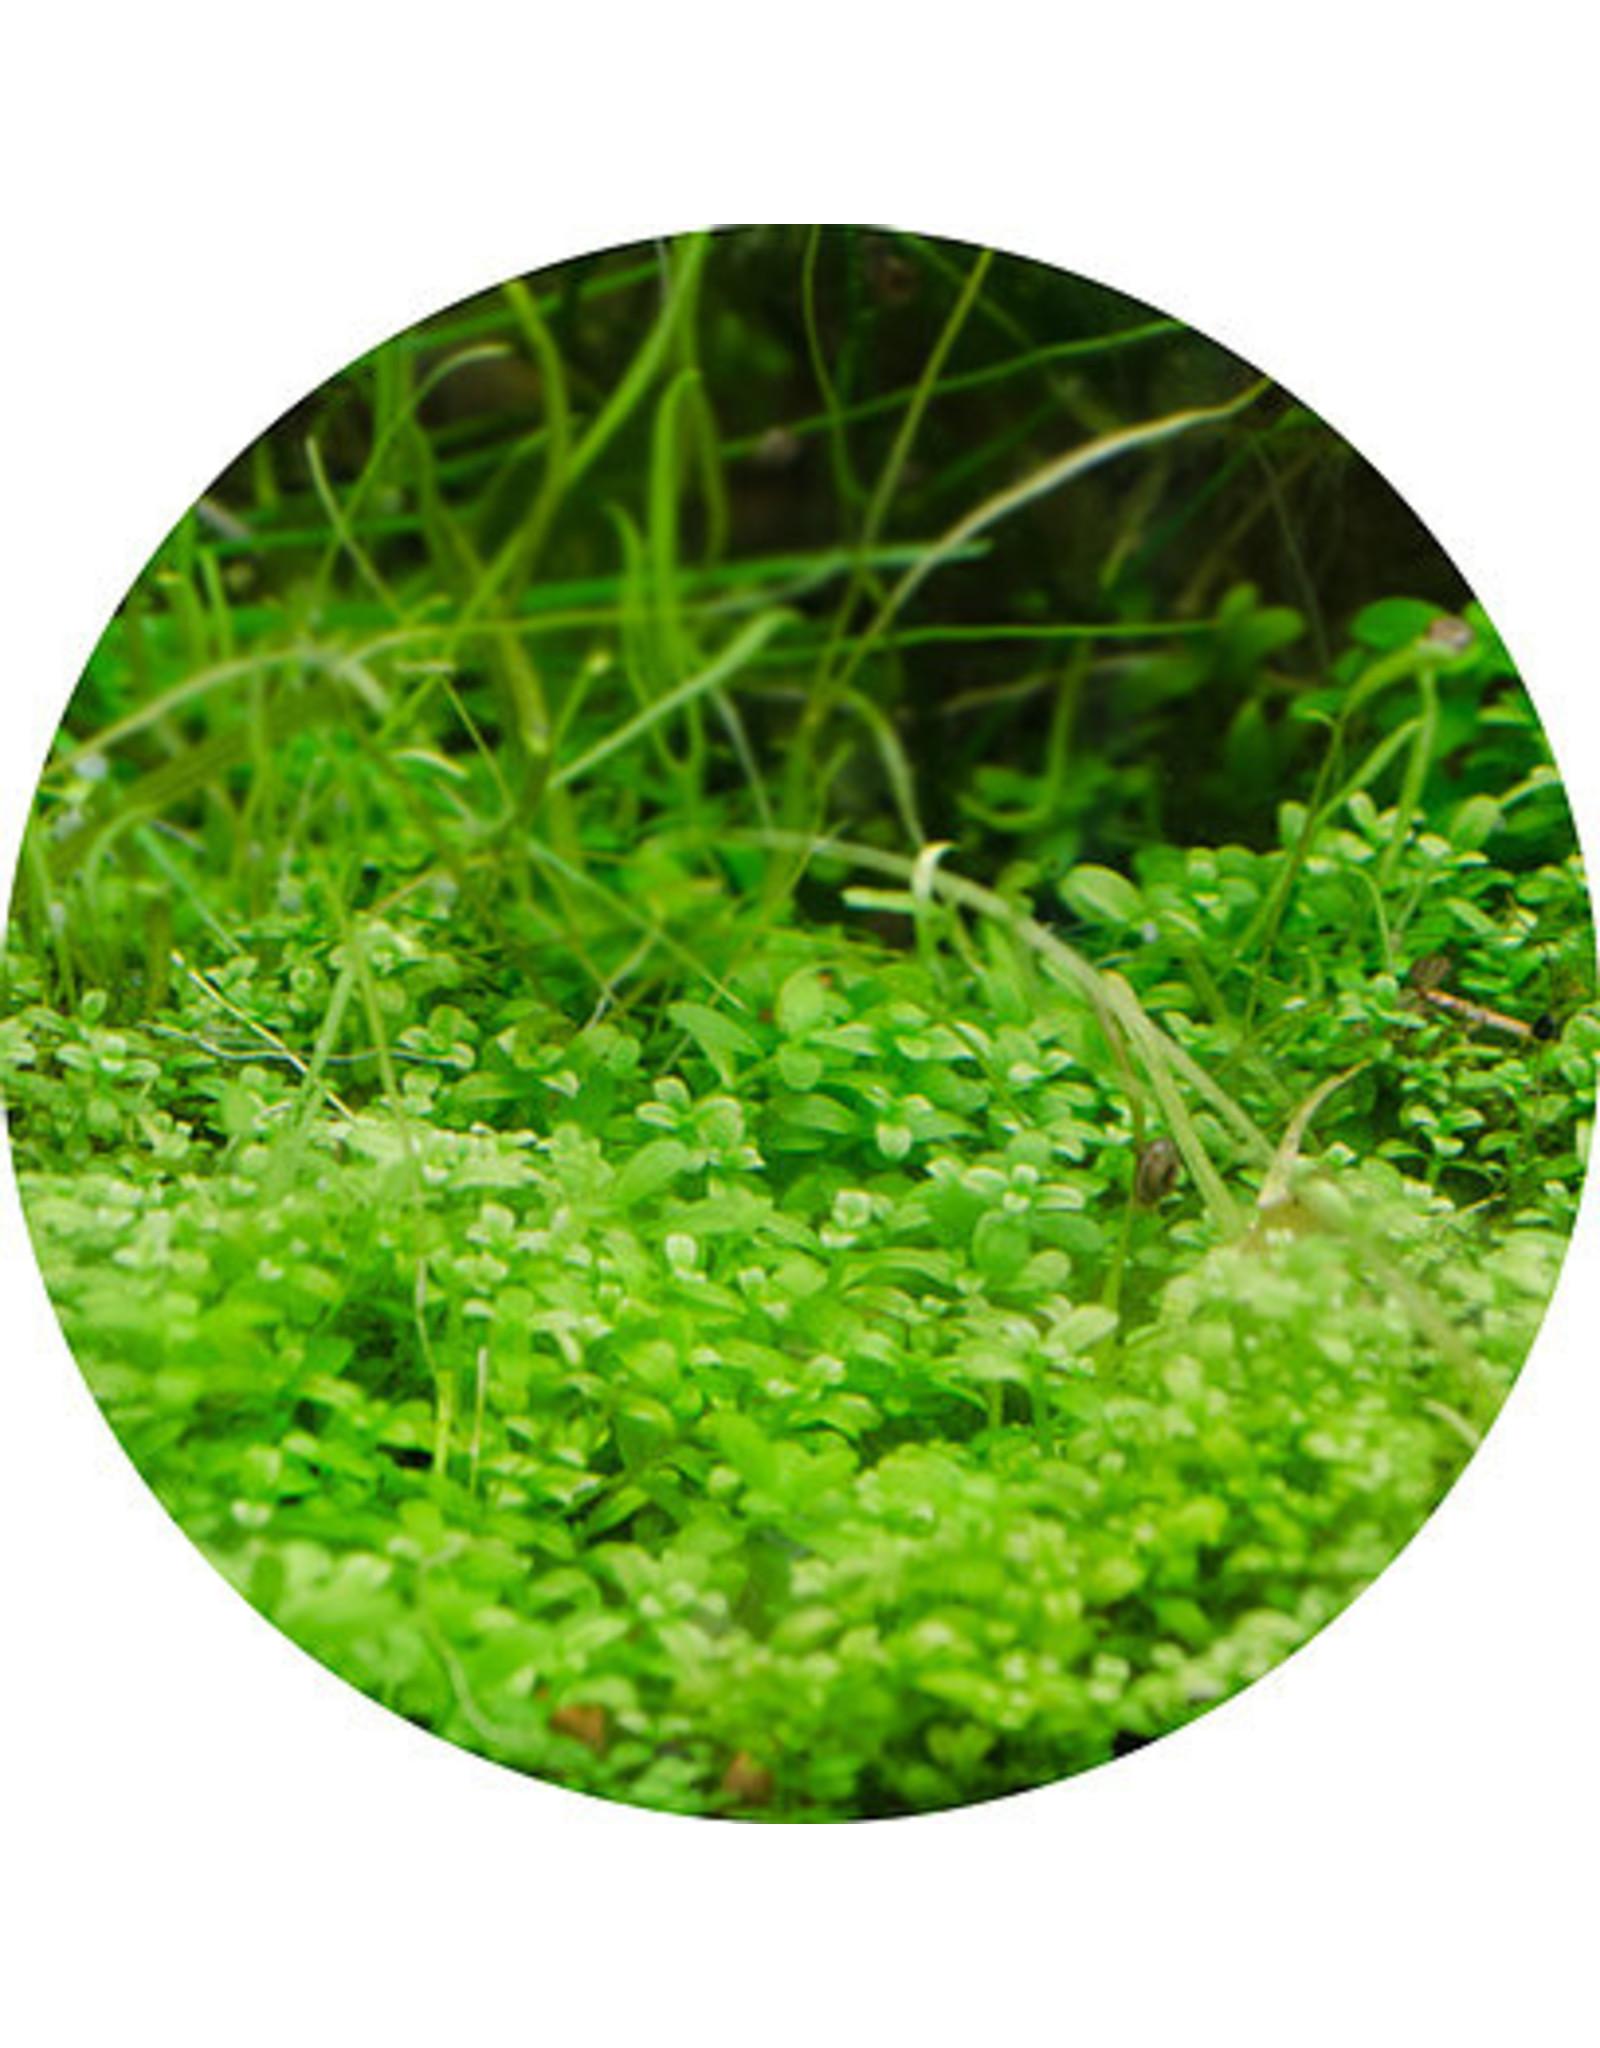 ABC Plants ABC PLANTS - Micranthemum 'Monte Carlo'